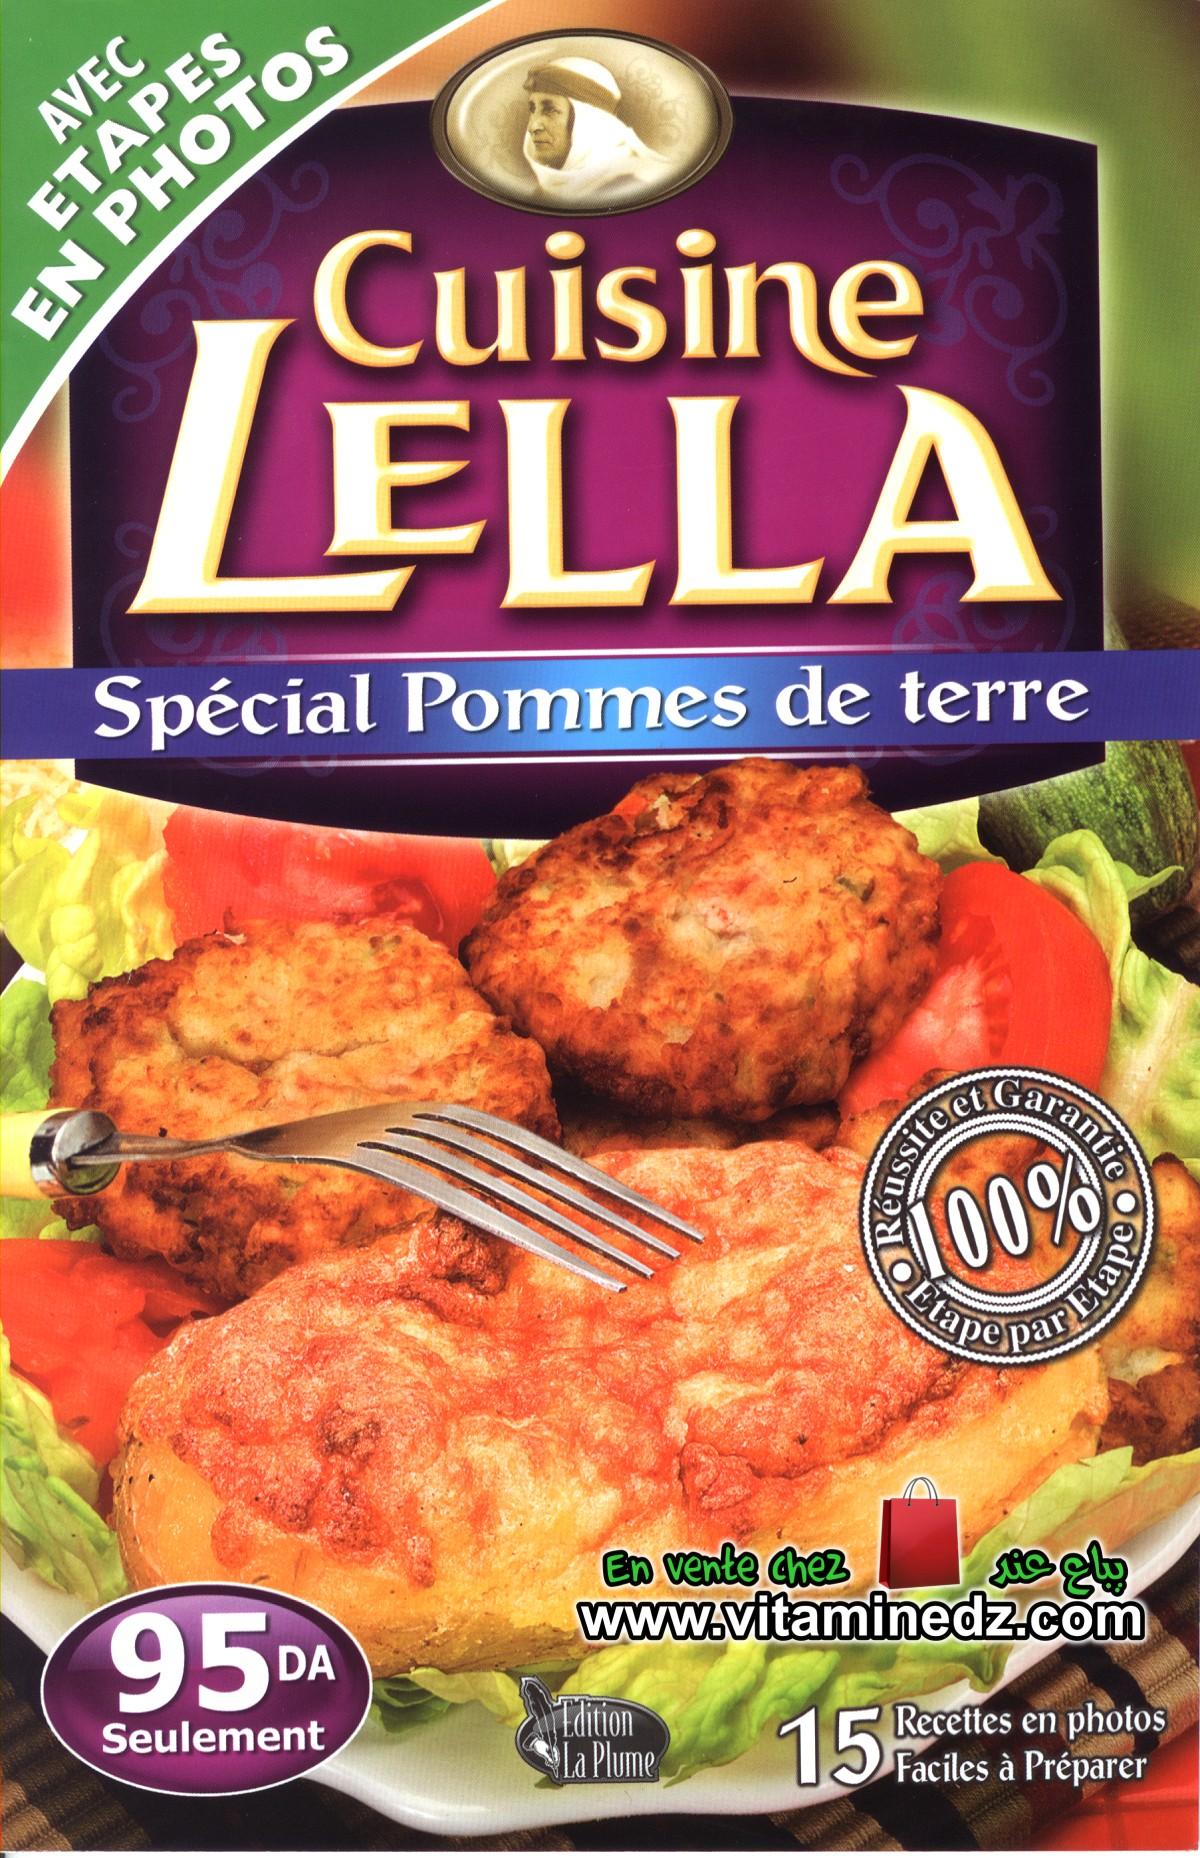 Cuisine lella sp cial pommes de terre for Article de cuisine en ligne